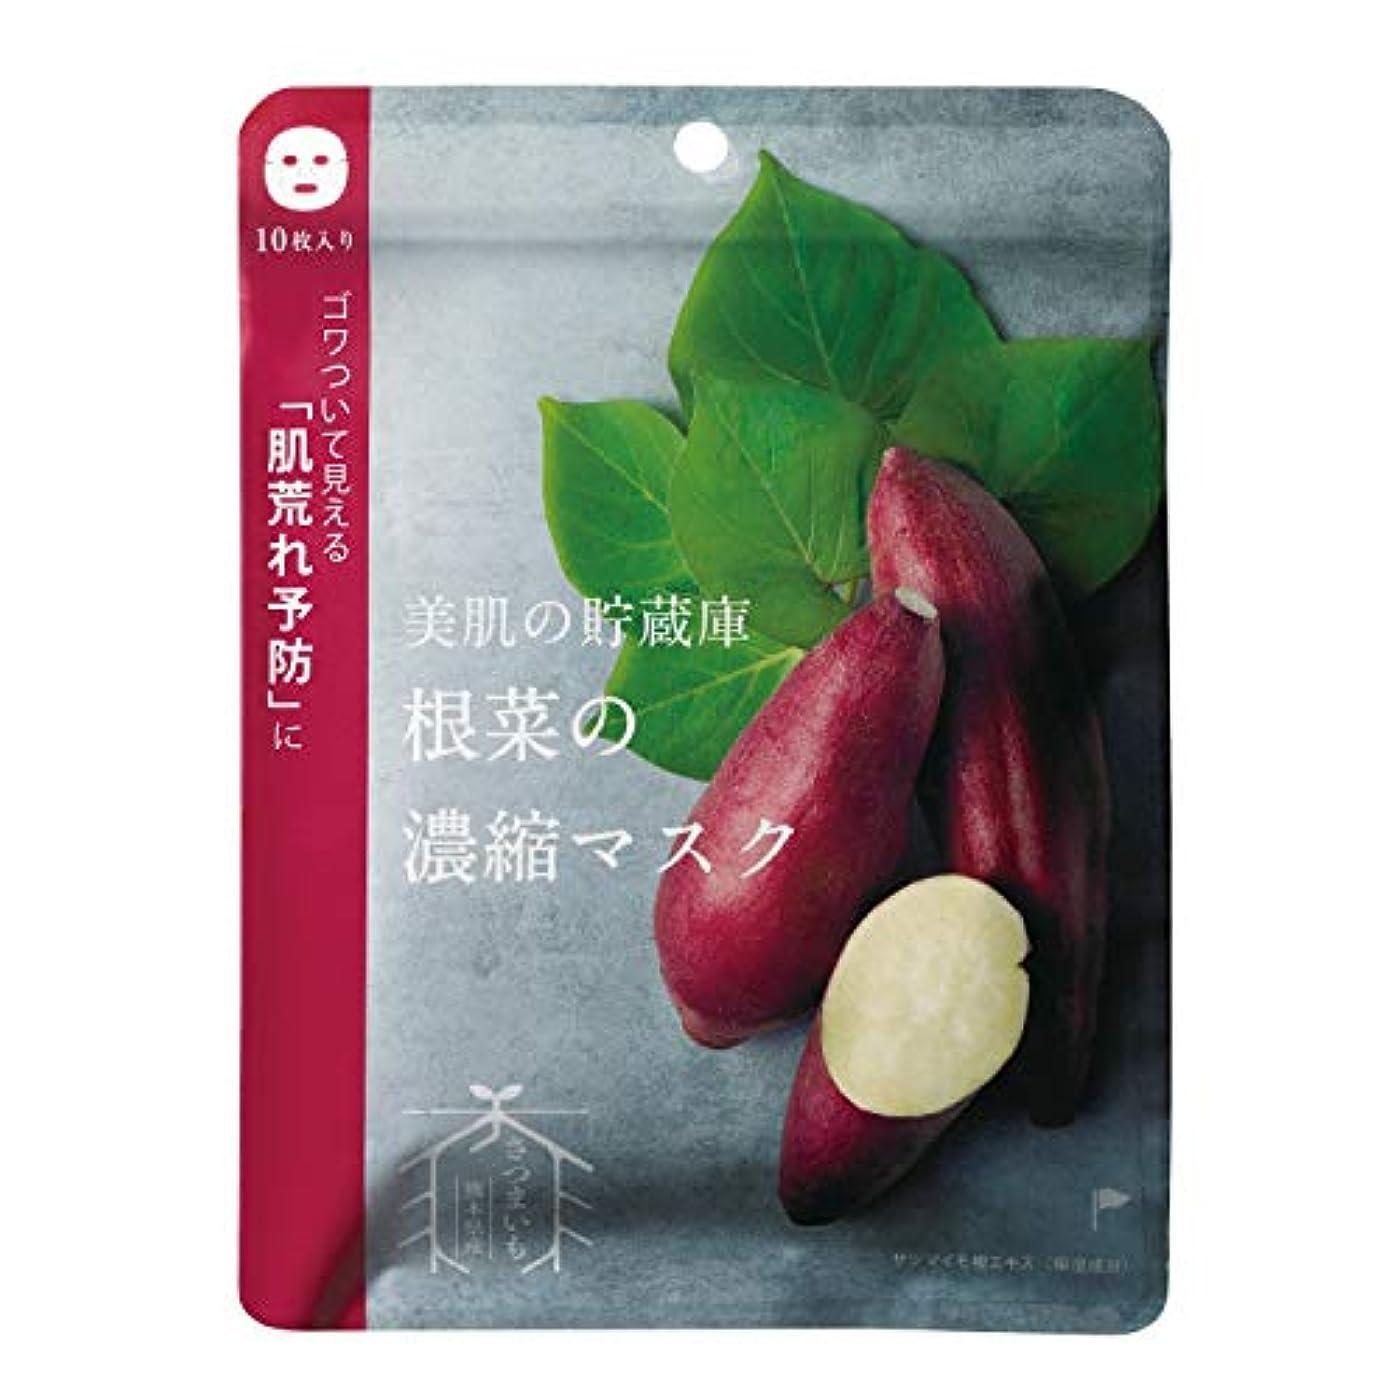 説教センチメンタル切る@cosme nippon 美肌の貯蔵庫 根菜の濃縮マスク 安納いも 10枚 160ml